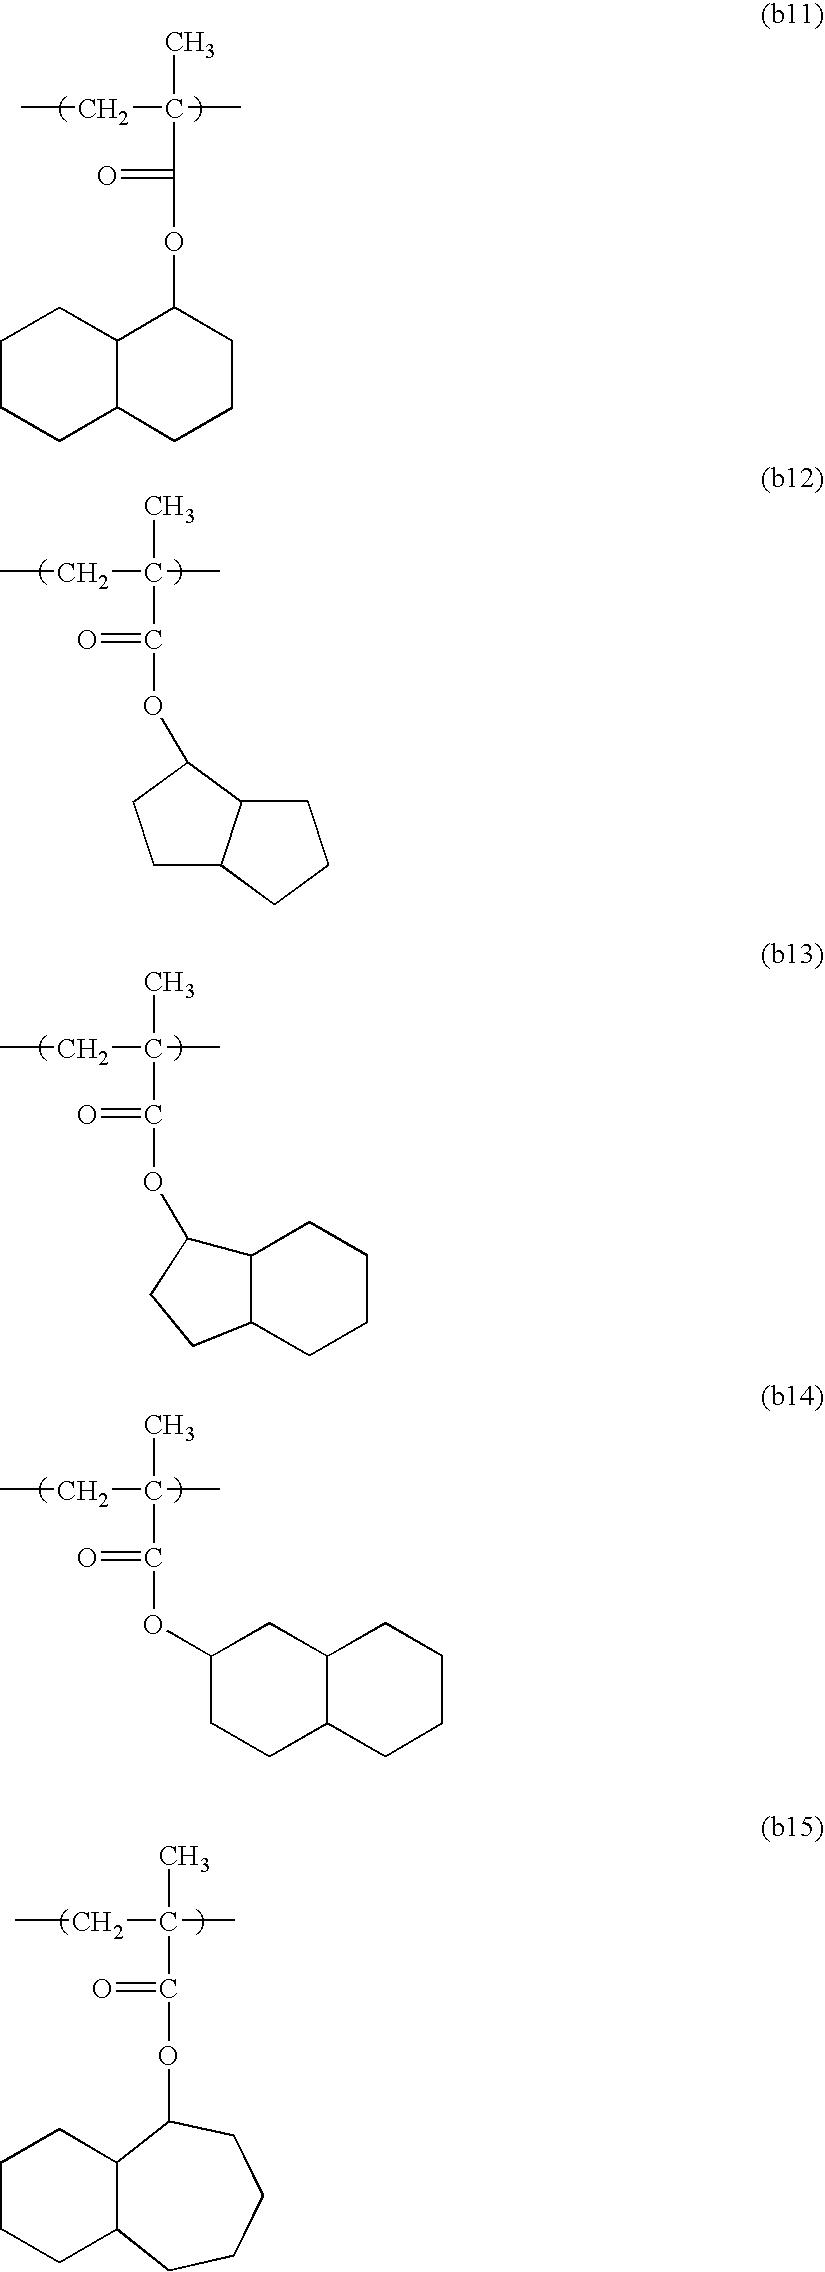 Figure US20070003871A1-20070104-C00066